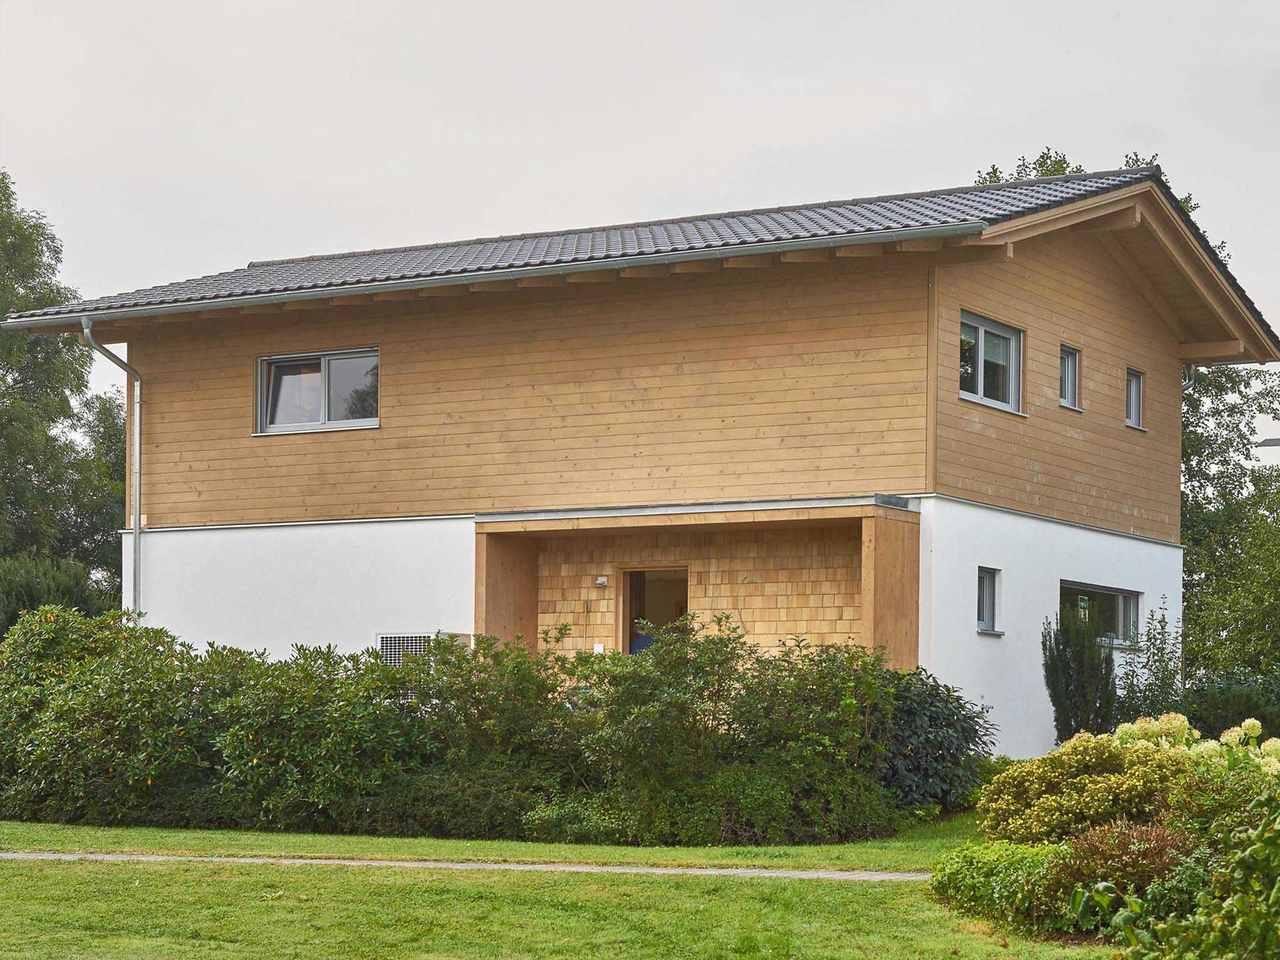 Referenzhaus Casa-Vita Außenansicht 3